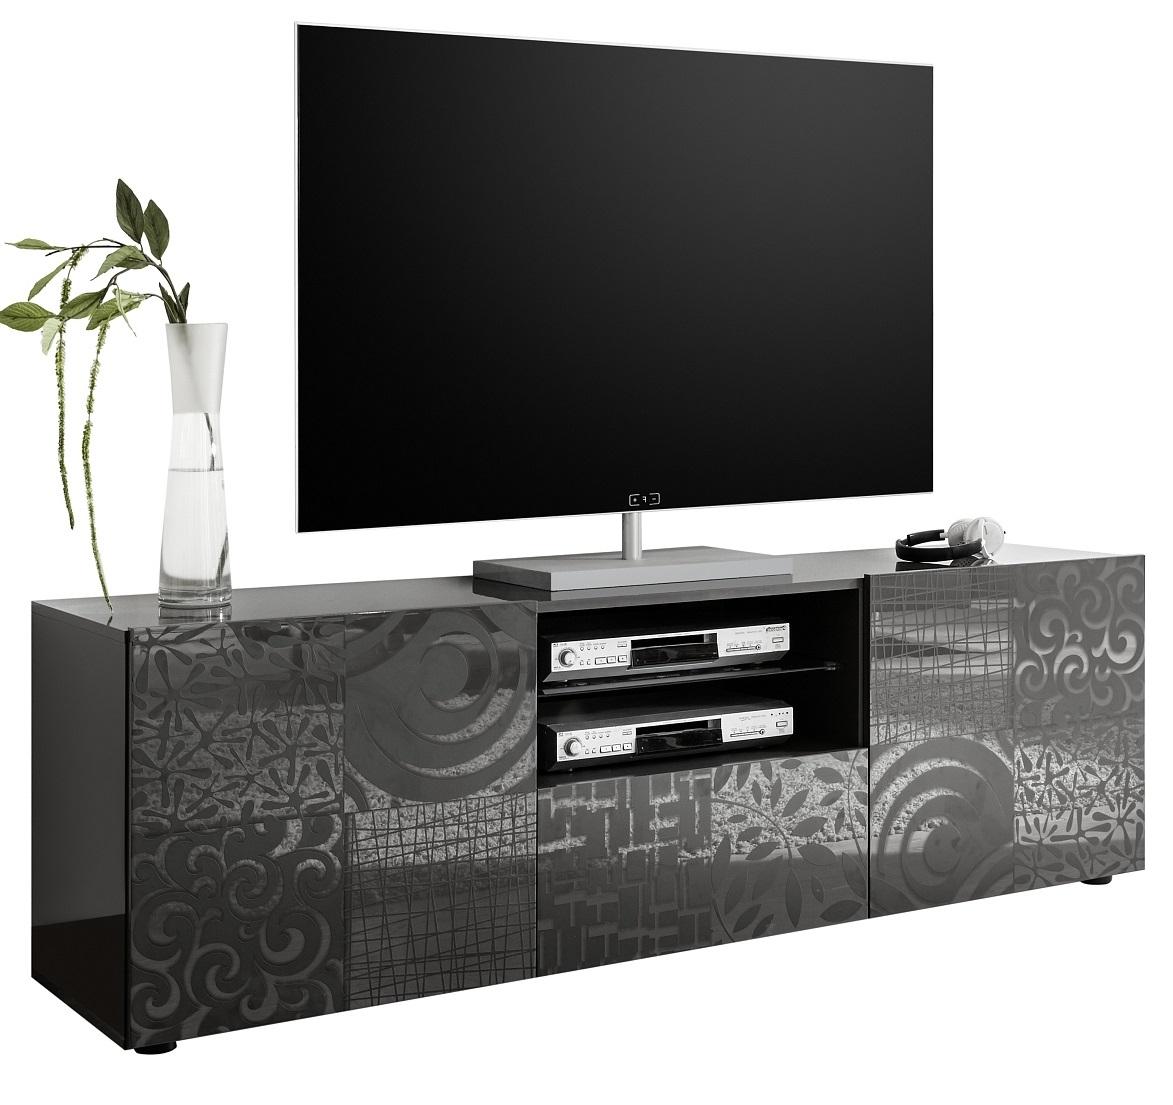 Tv-meubel Miro 181 cm breed in hoogglans antraciet